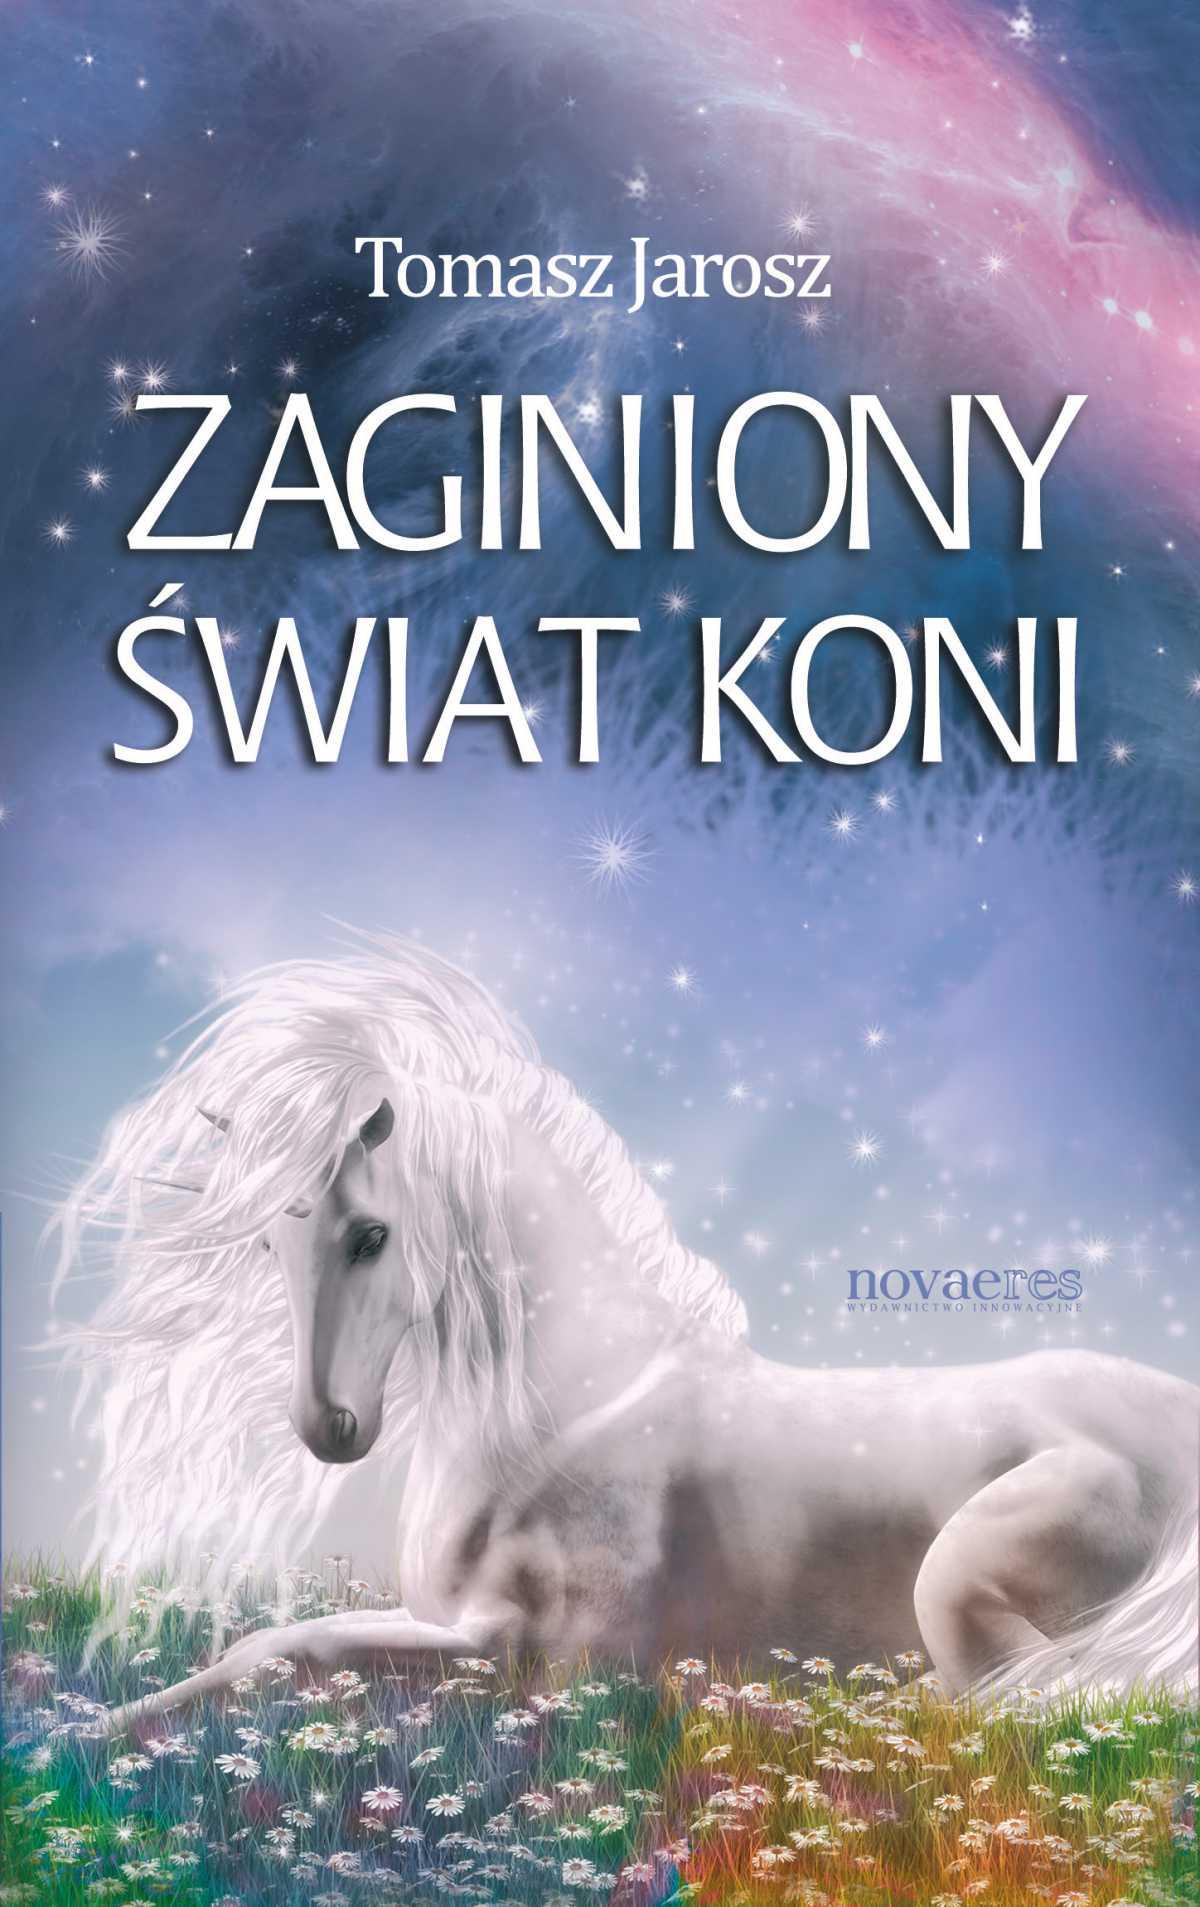 Zaginiony świat koni - Ebook (Książka EPUB) do pobrania w formacie EPUB